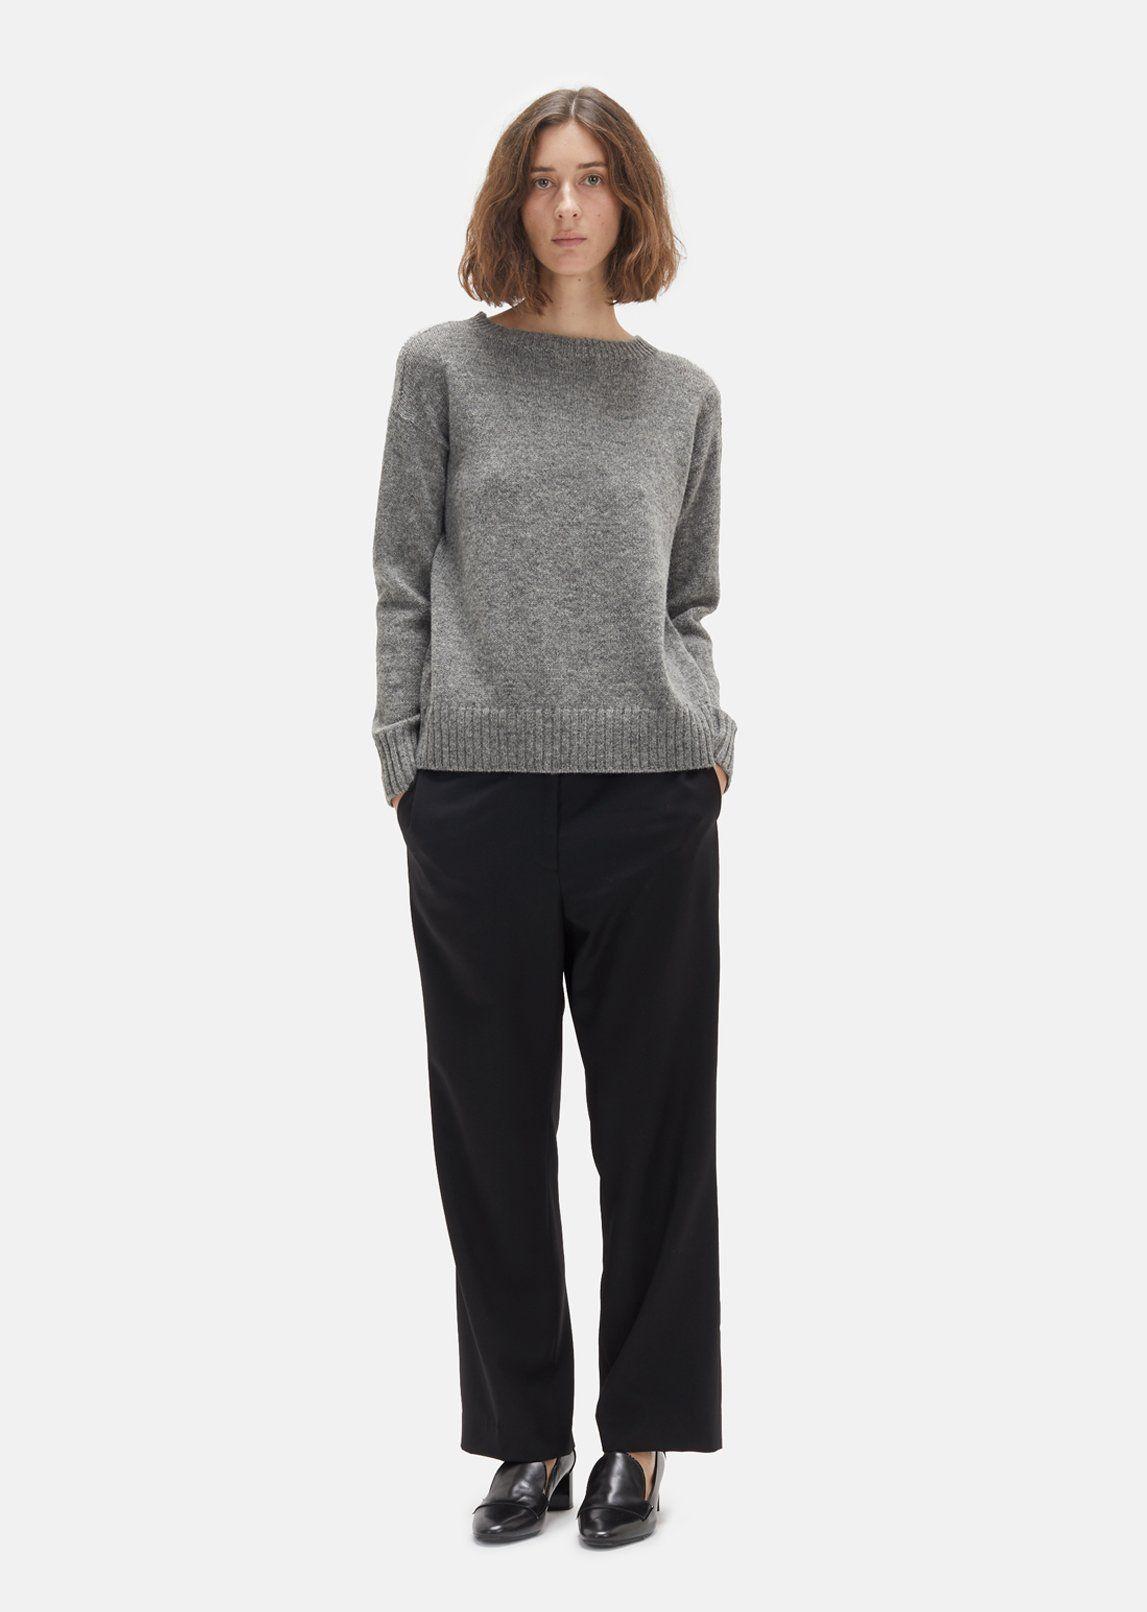 Bemerkenswert Moderne Pullover Das Beste Von Sylvia Shetland By La Garçonne